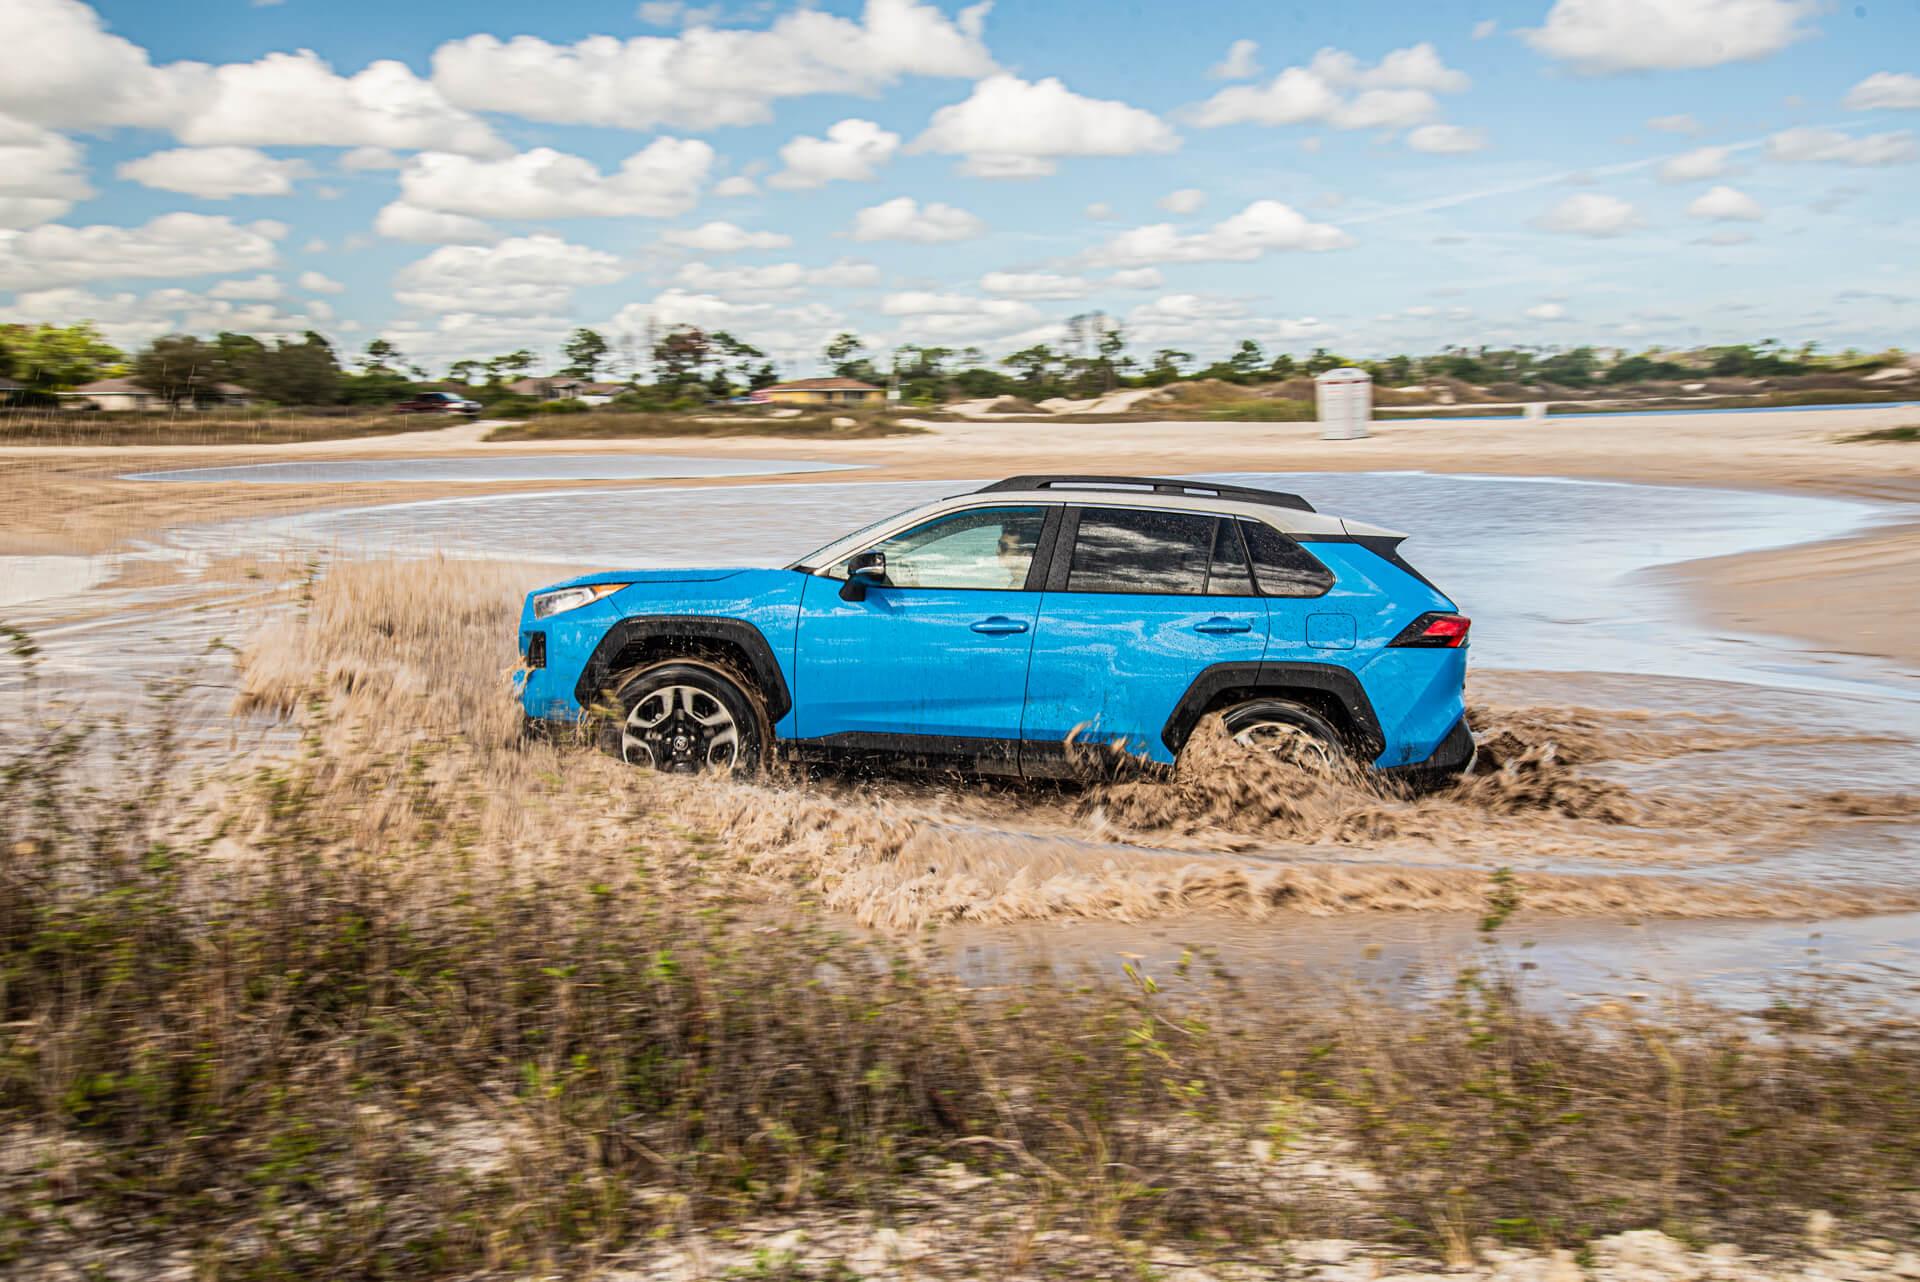 Toyota RAV4 i vatten från sidan